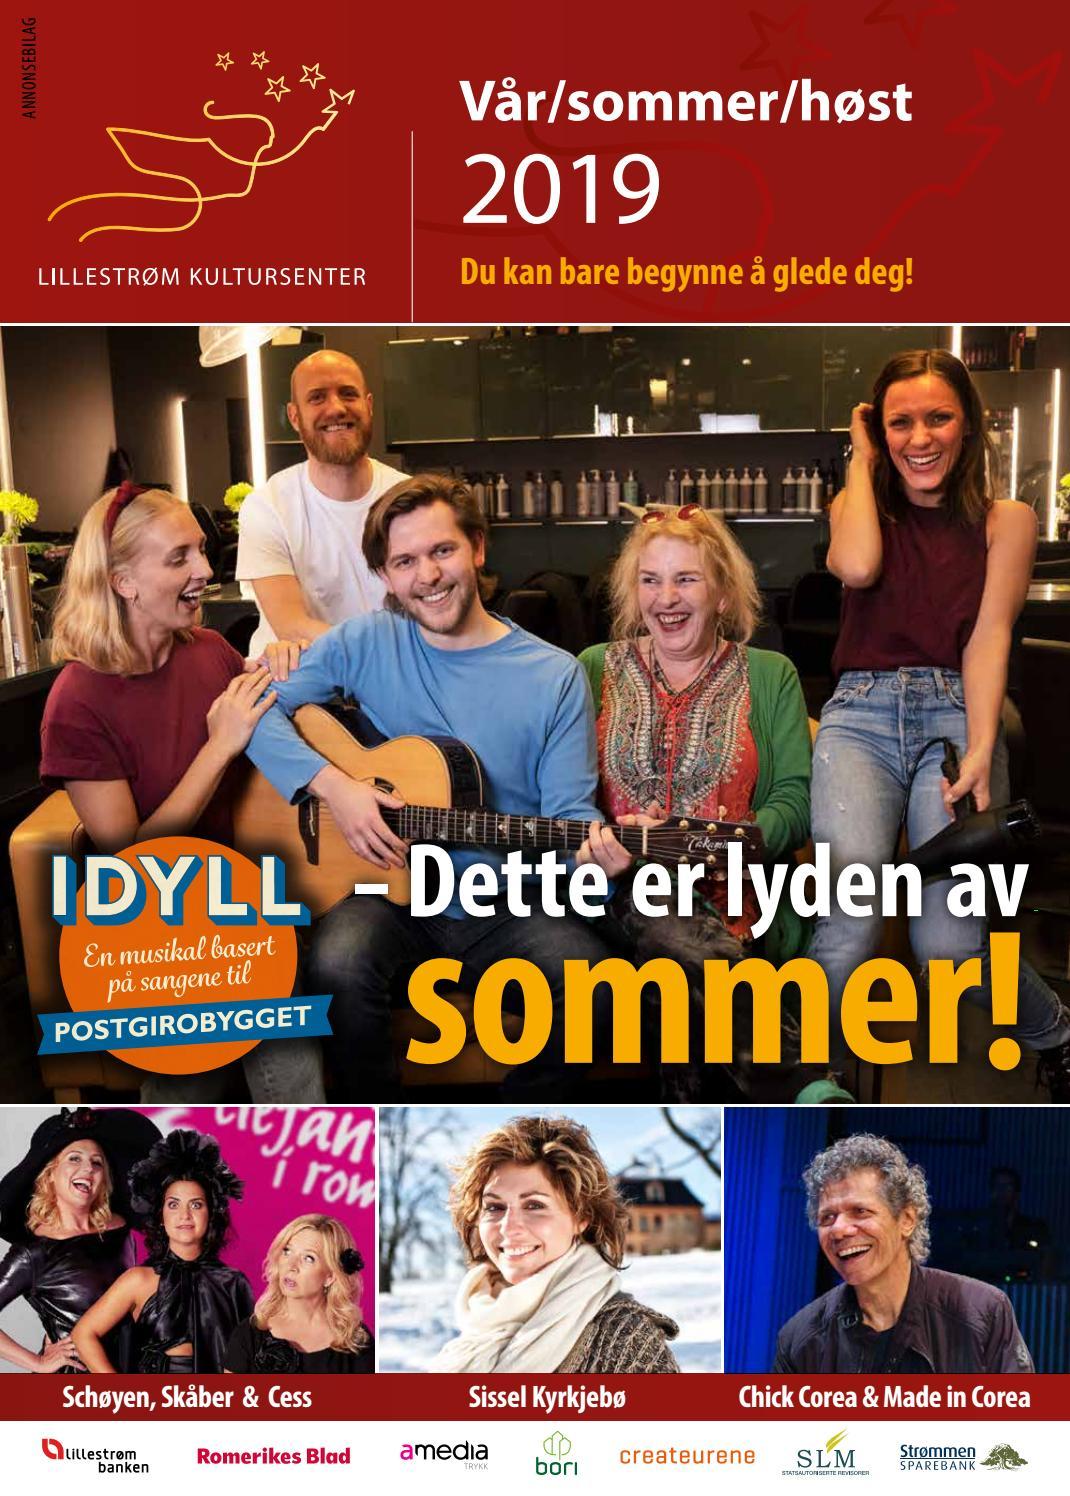 danske kvinner som ser etter uforpliktende dating i lillestrøm gifte kvinner på jakt etter sex i lund